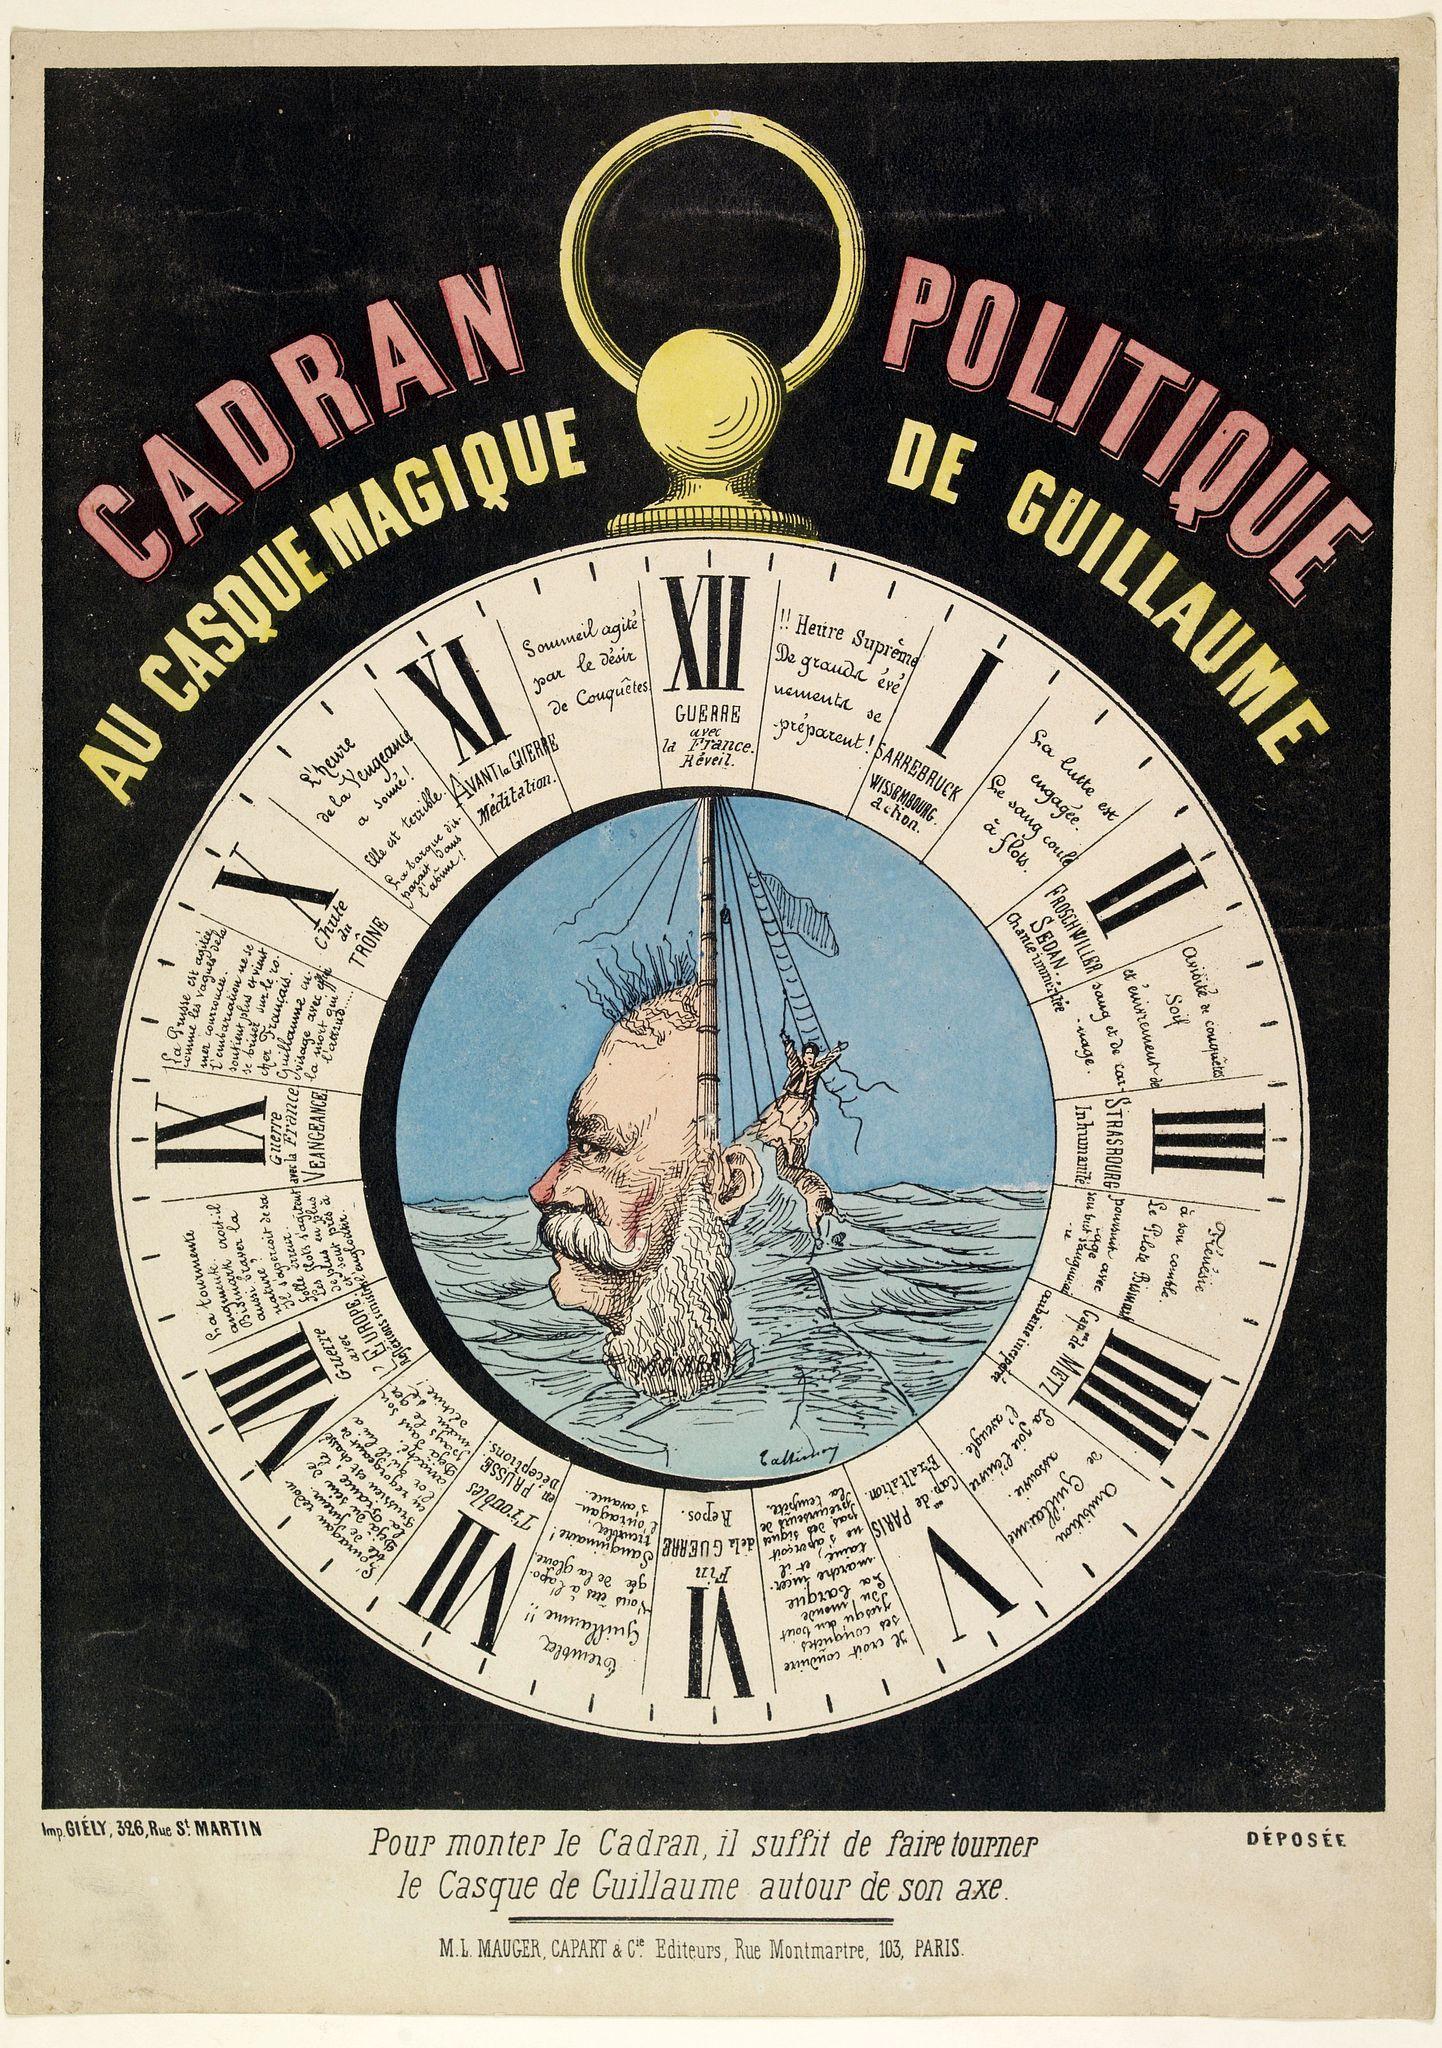 MAUGER, M.L. / CAPART & Cie. -  Cadran Politique au casque magique de guillaume.